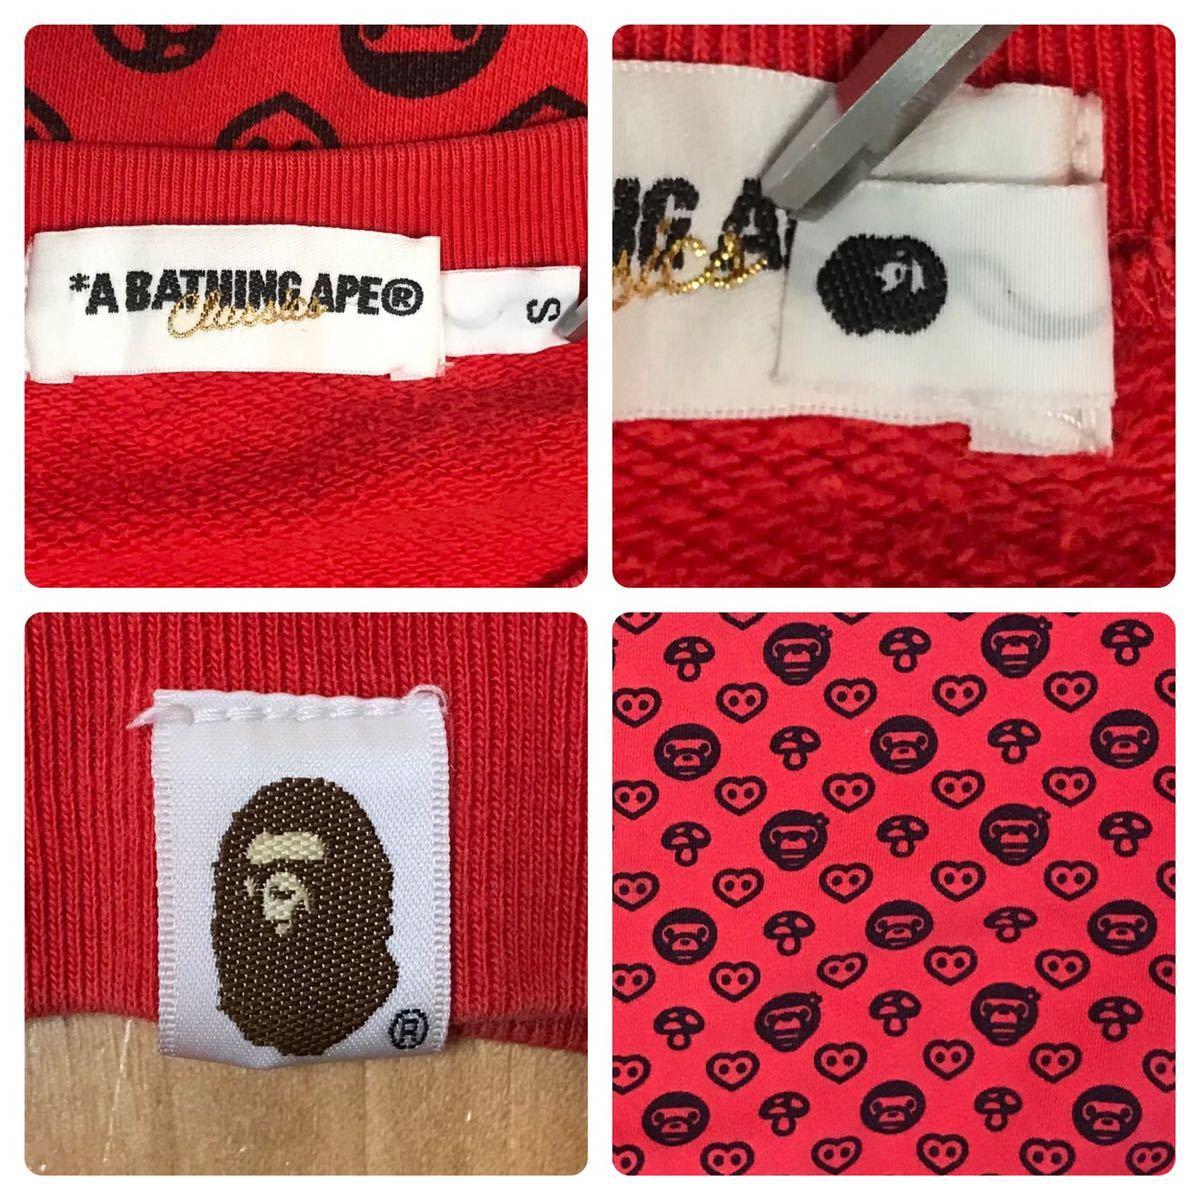 マイロ モノグラム 長袖スウェット Sサイズ a bathing ape bape baby milo Monogram sweat エイプ ベイプ アベイシングエイプ nigo 2315